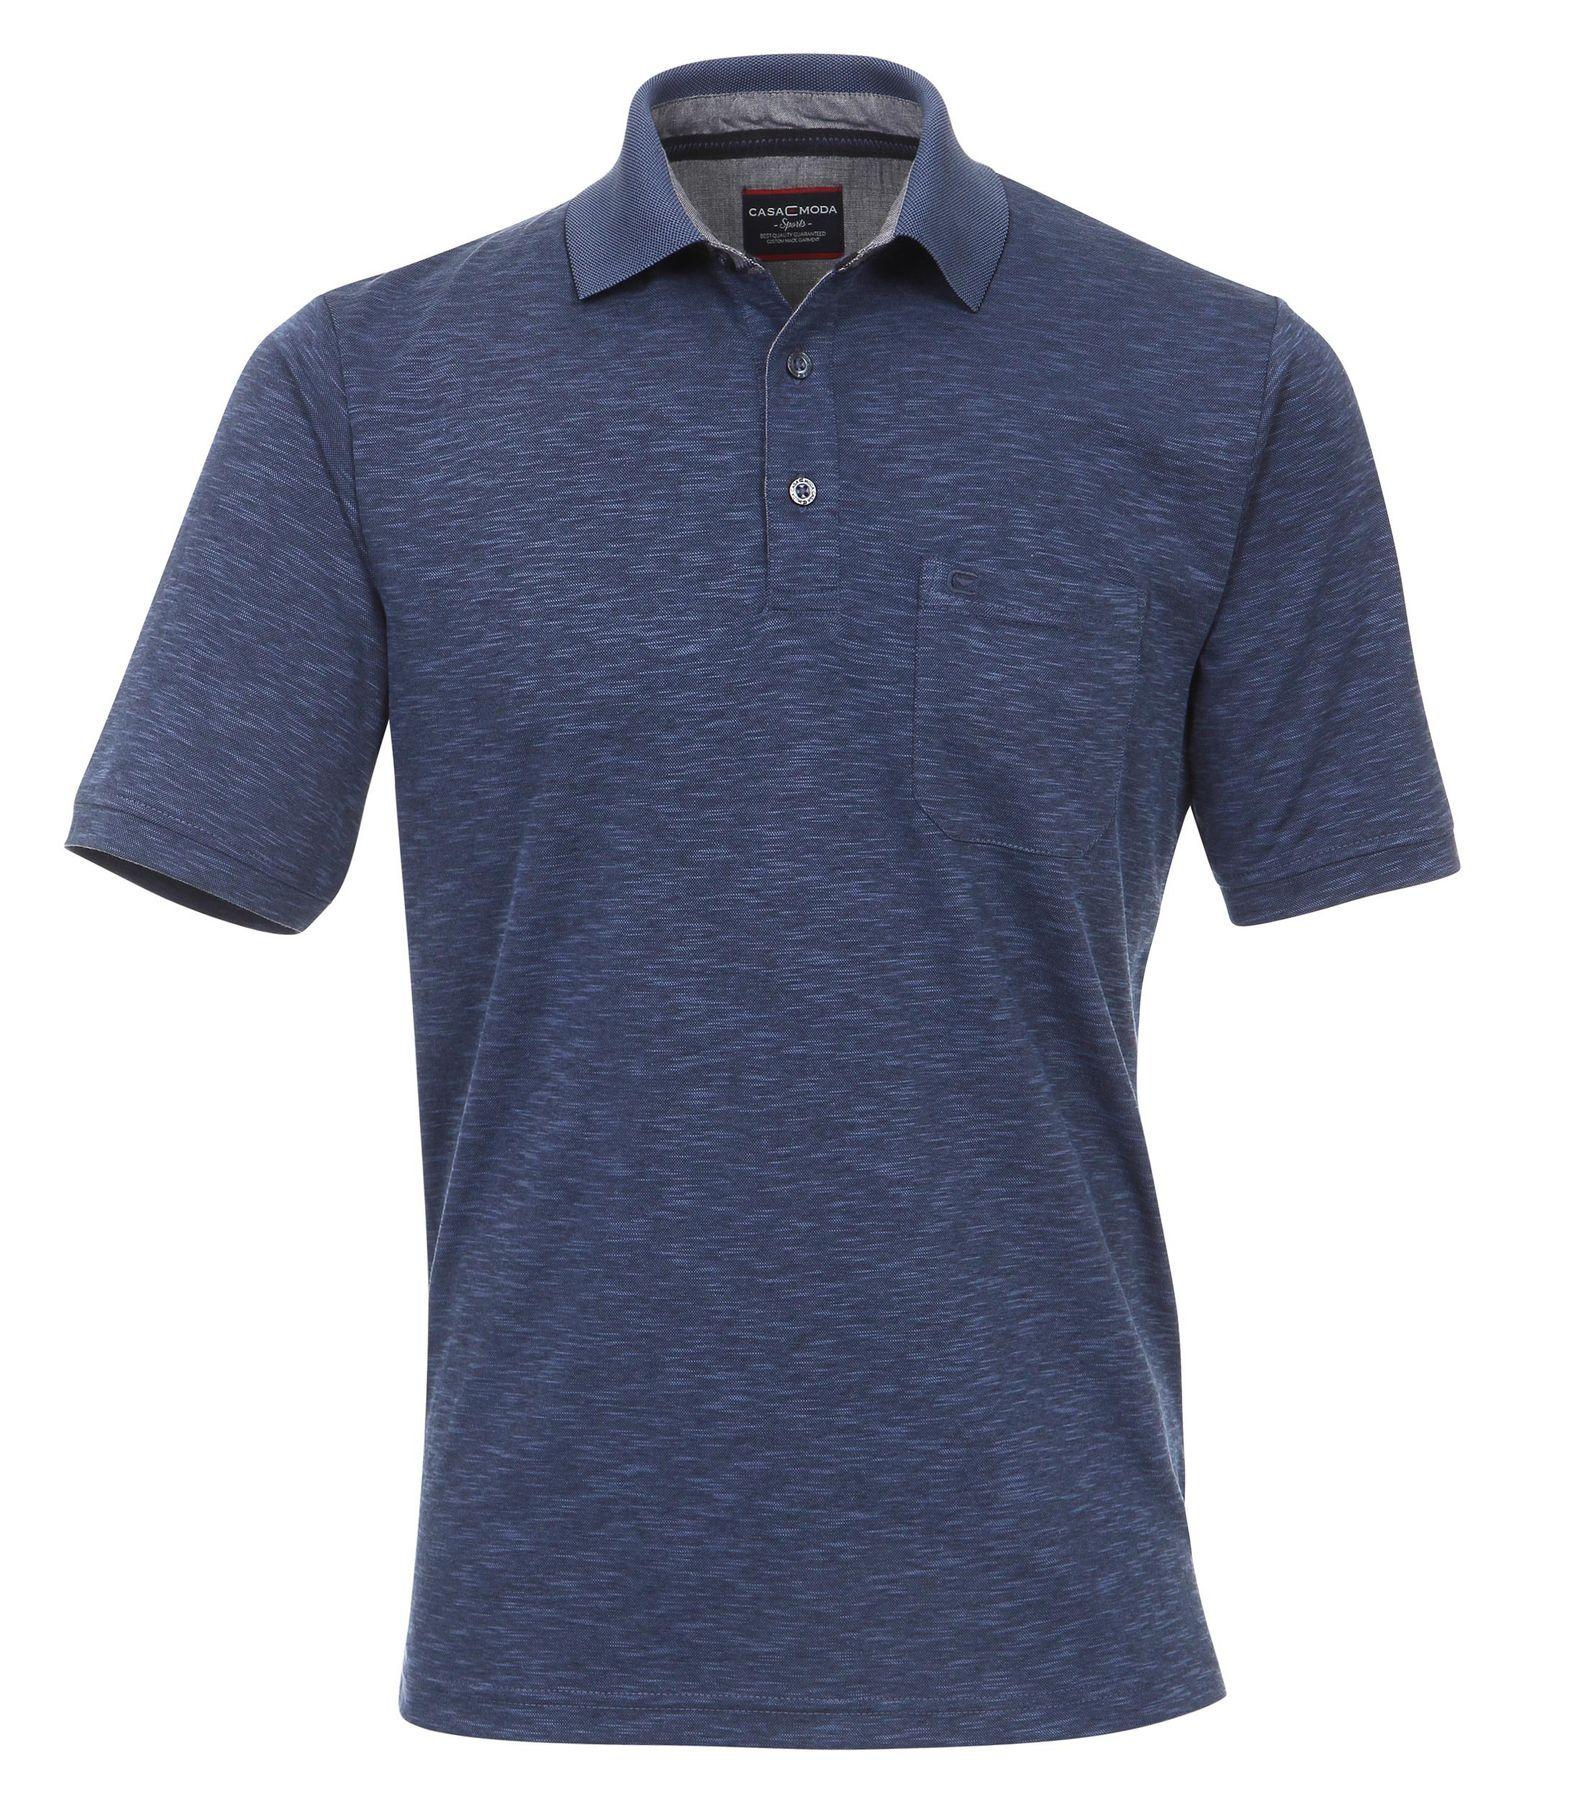 Casa Moda - Herren Polo Shirt in Melange Optik und Brusttasche in verschiedenen Farben (972630300) – Bild 1